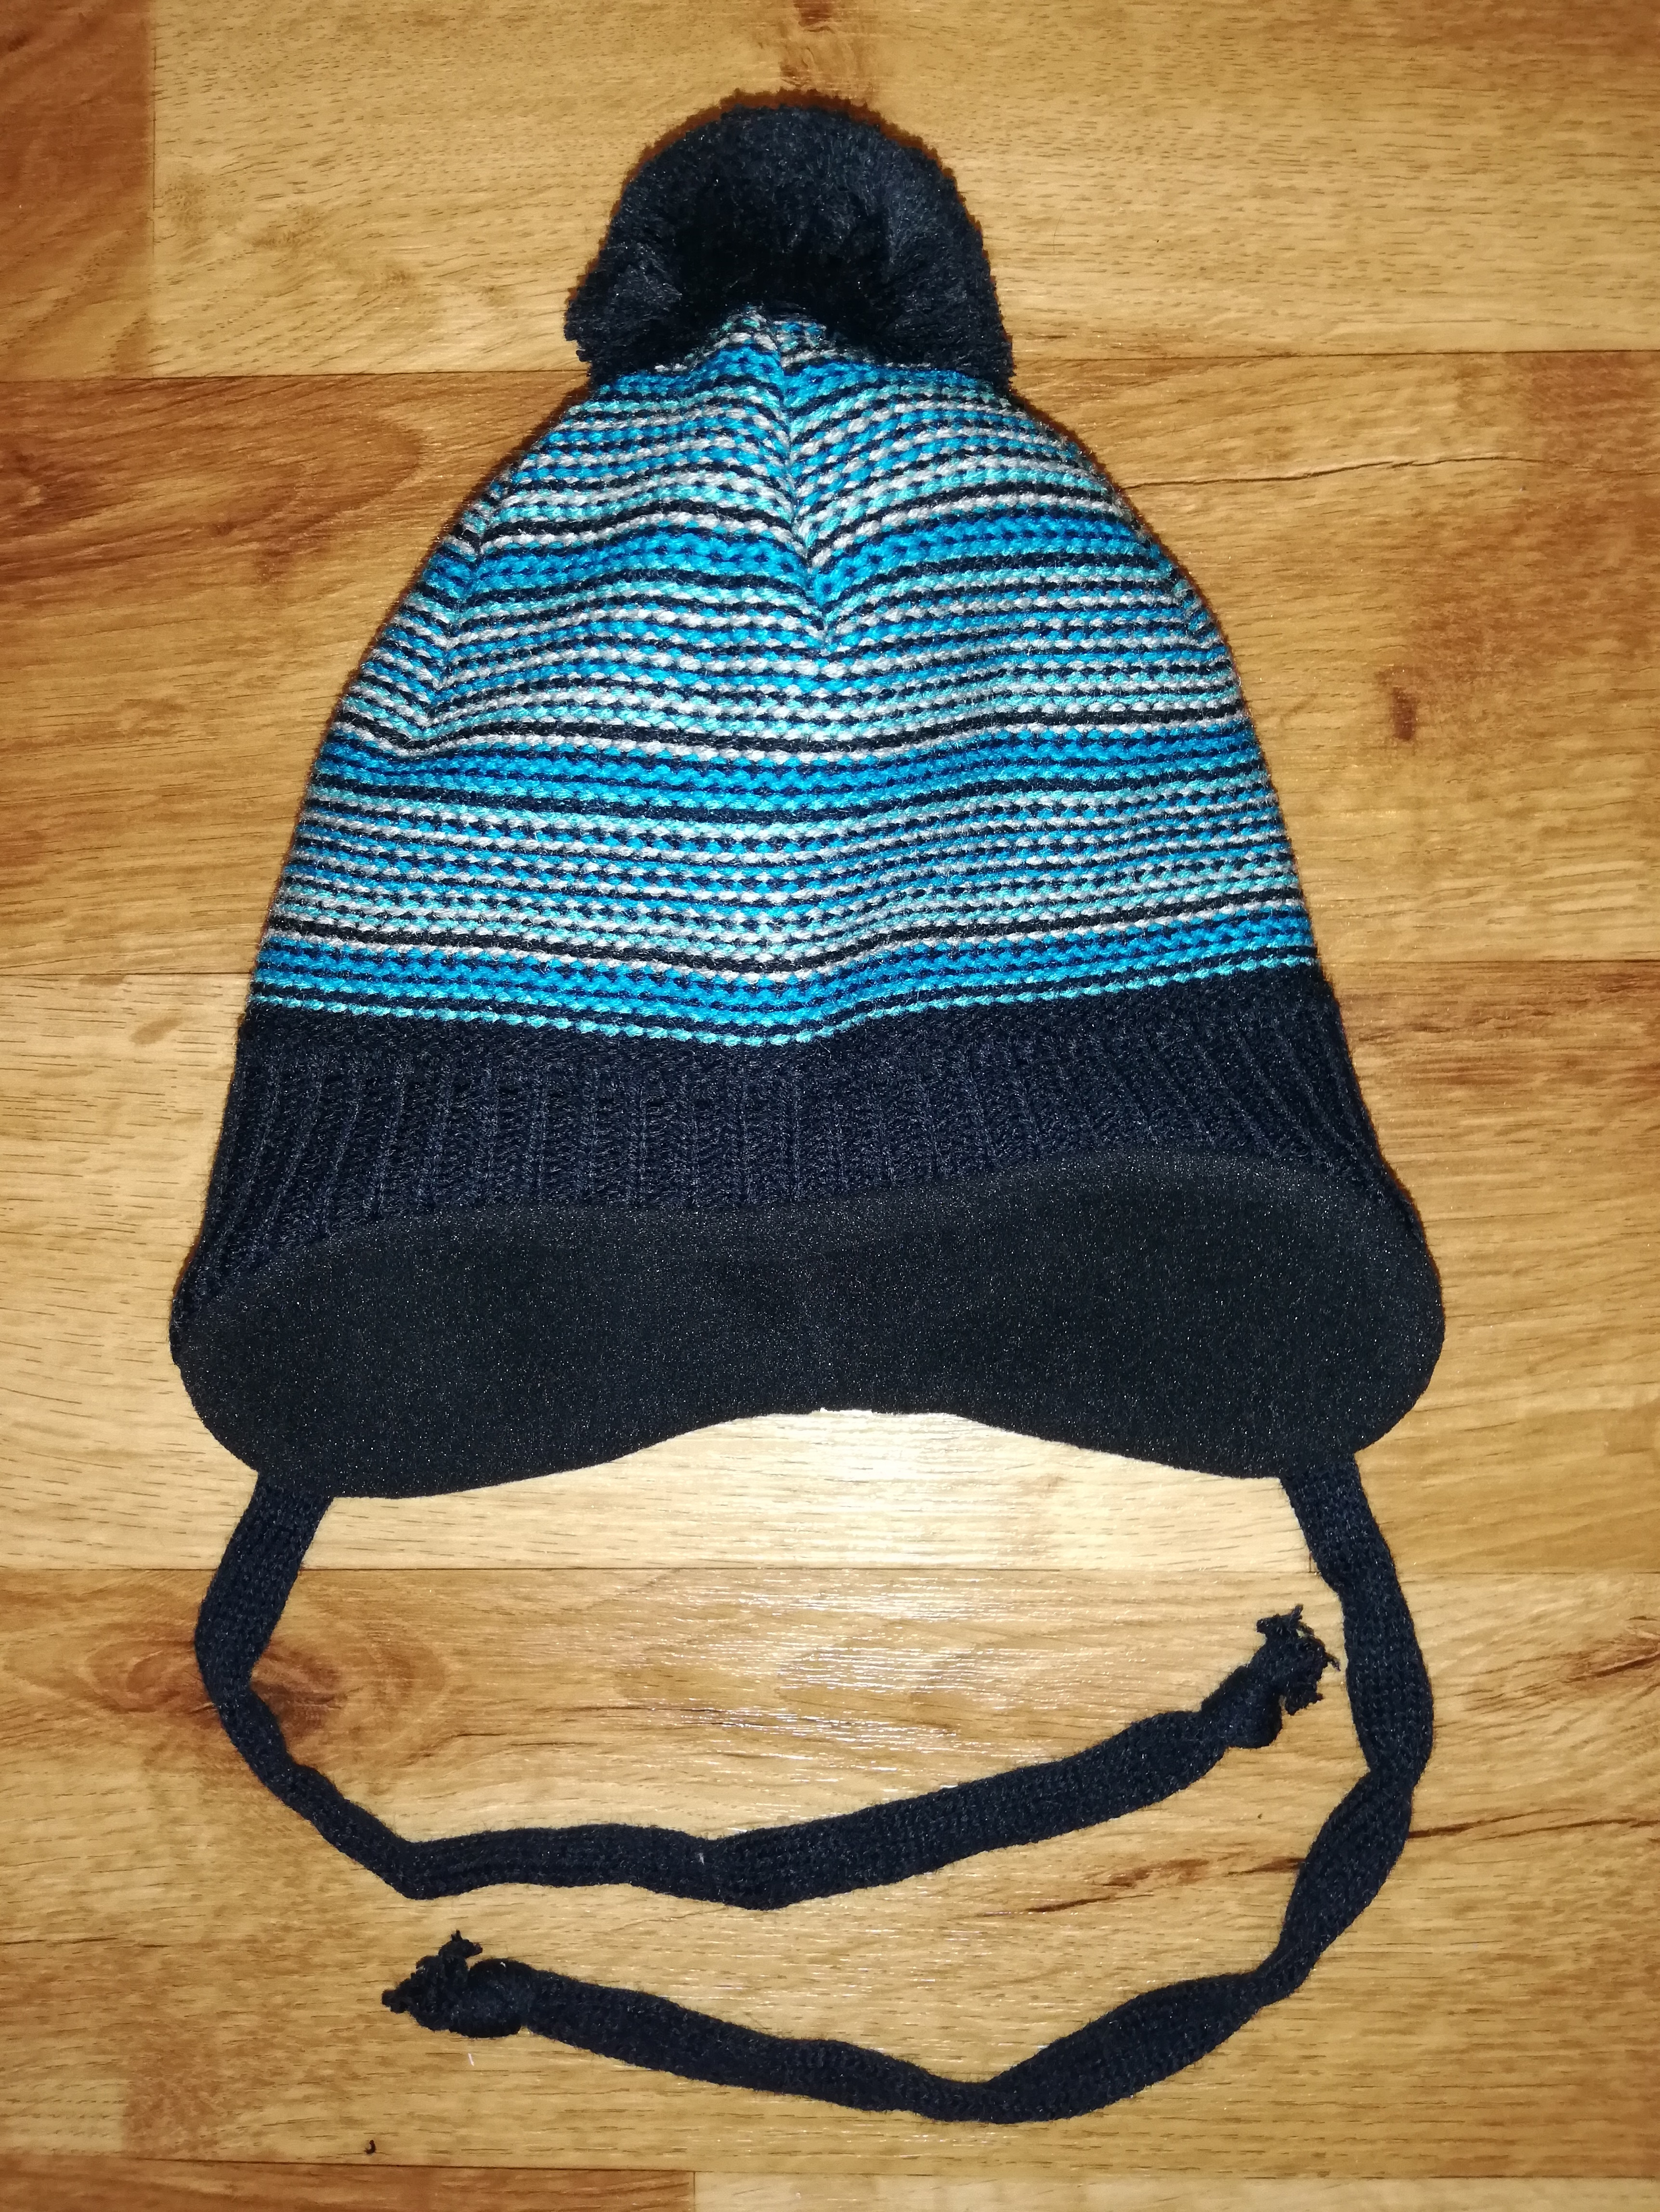 Dětská zimní čepice vel. 3 S (42 - 44) - Modrá s nápletem a bambulí Yetty d604fb092d